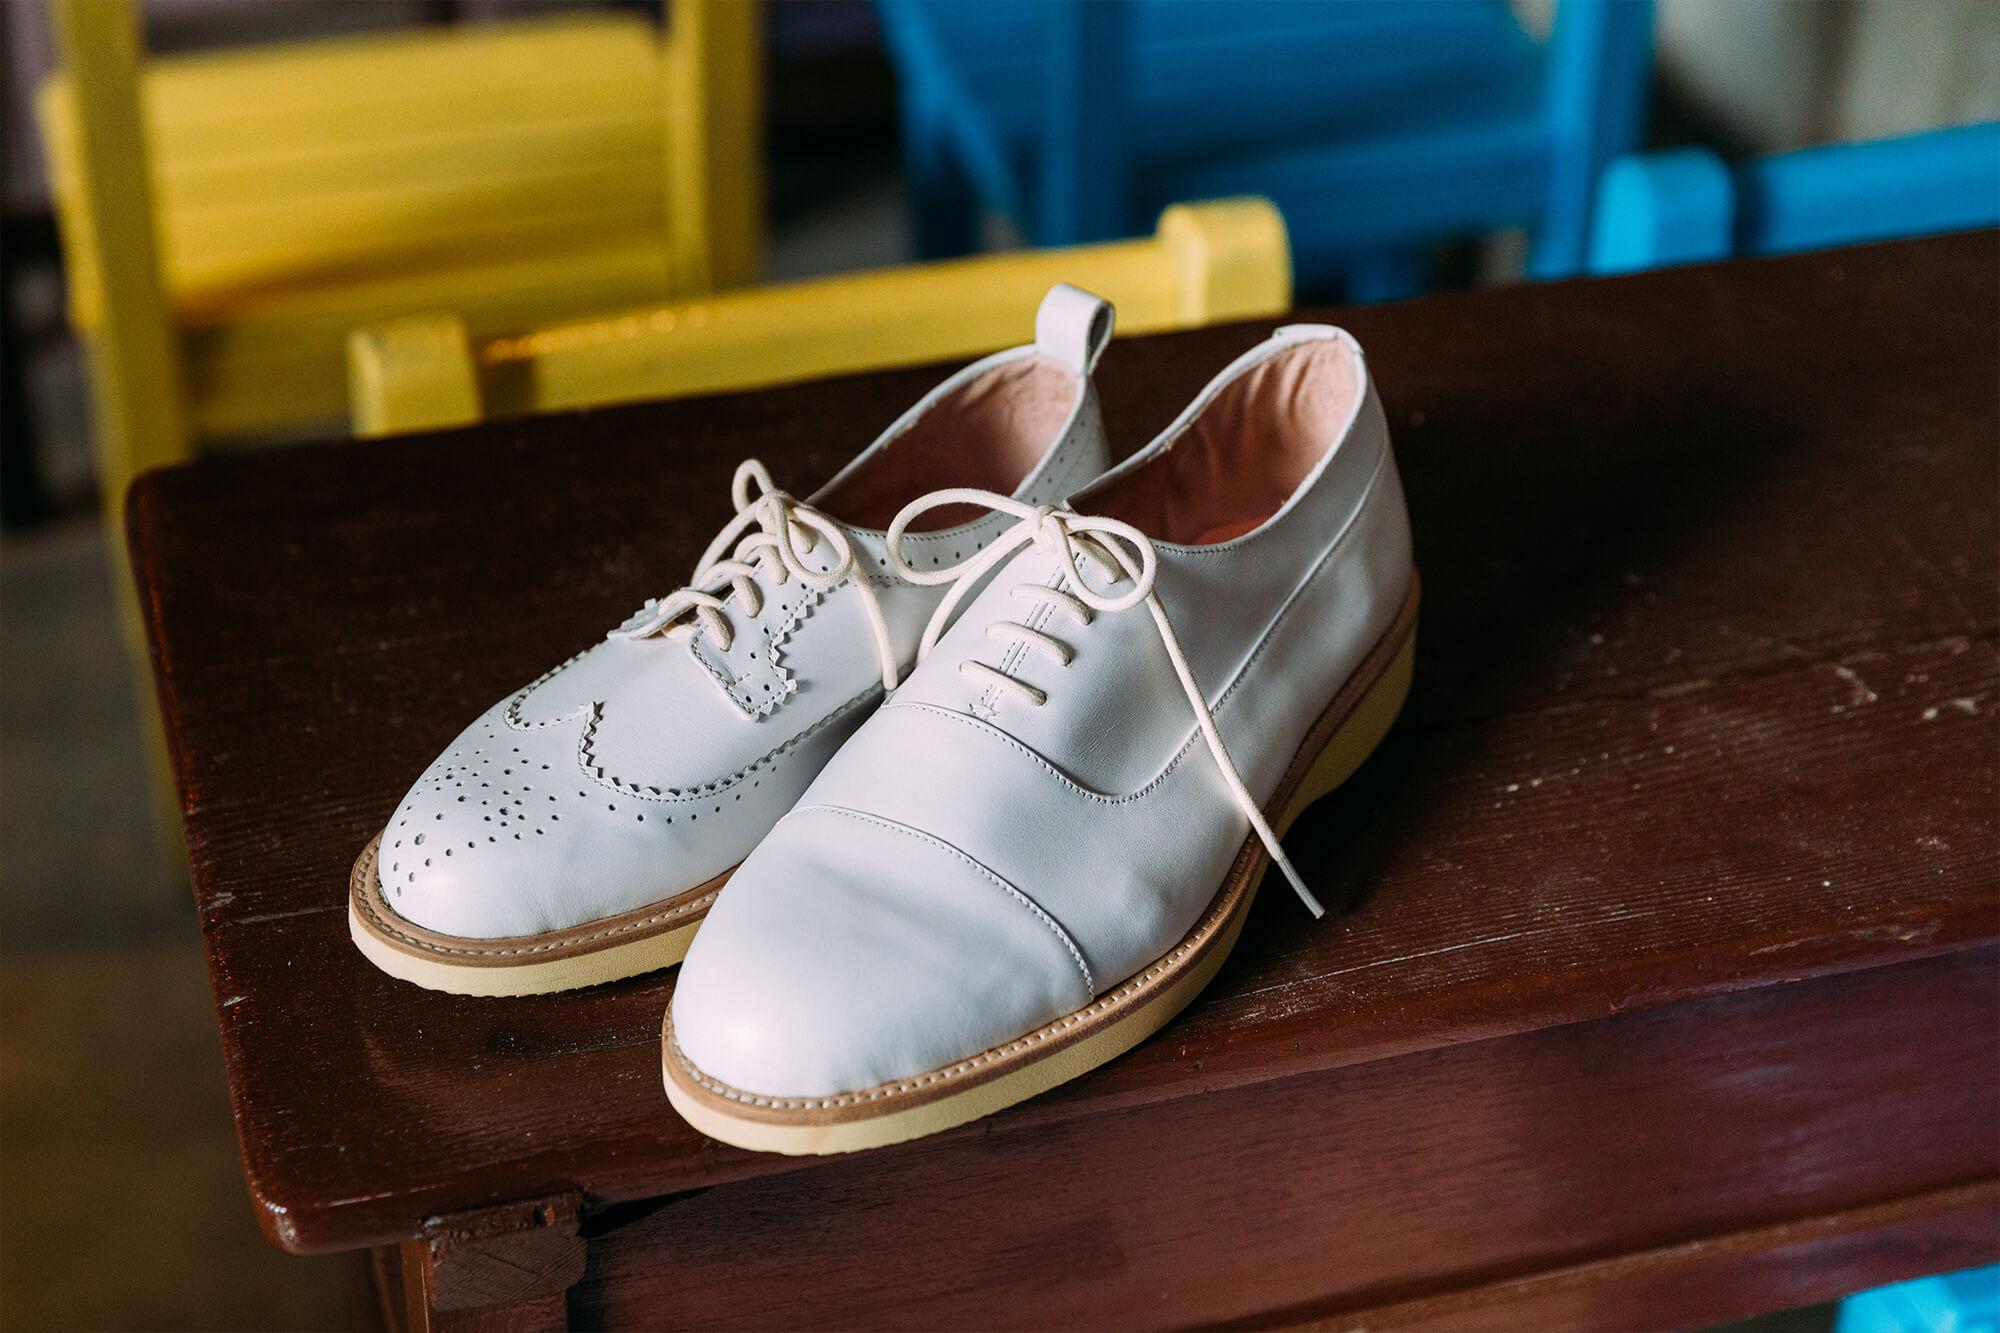 EJ希望他所制作的鞋子经得起时代的考验。